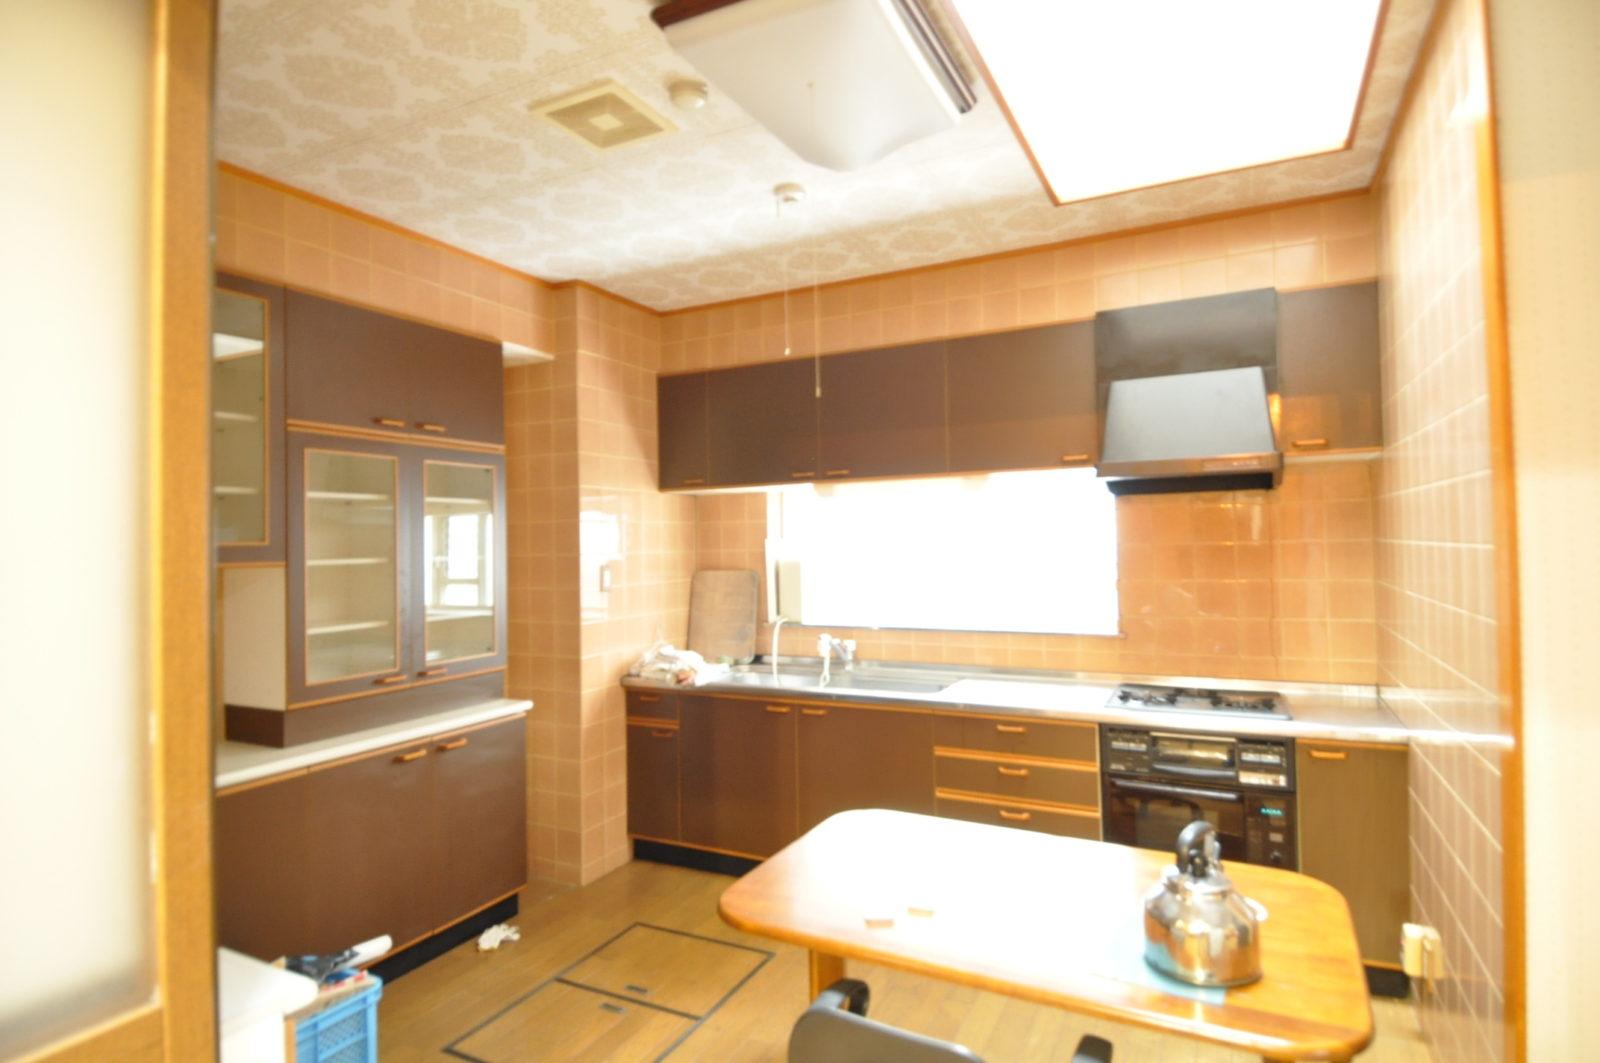 Ⅲ-キッチンリフォーム before